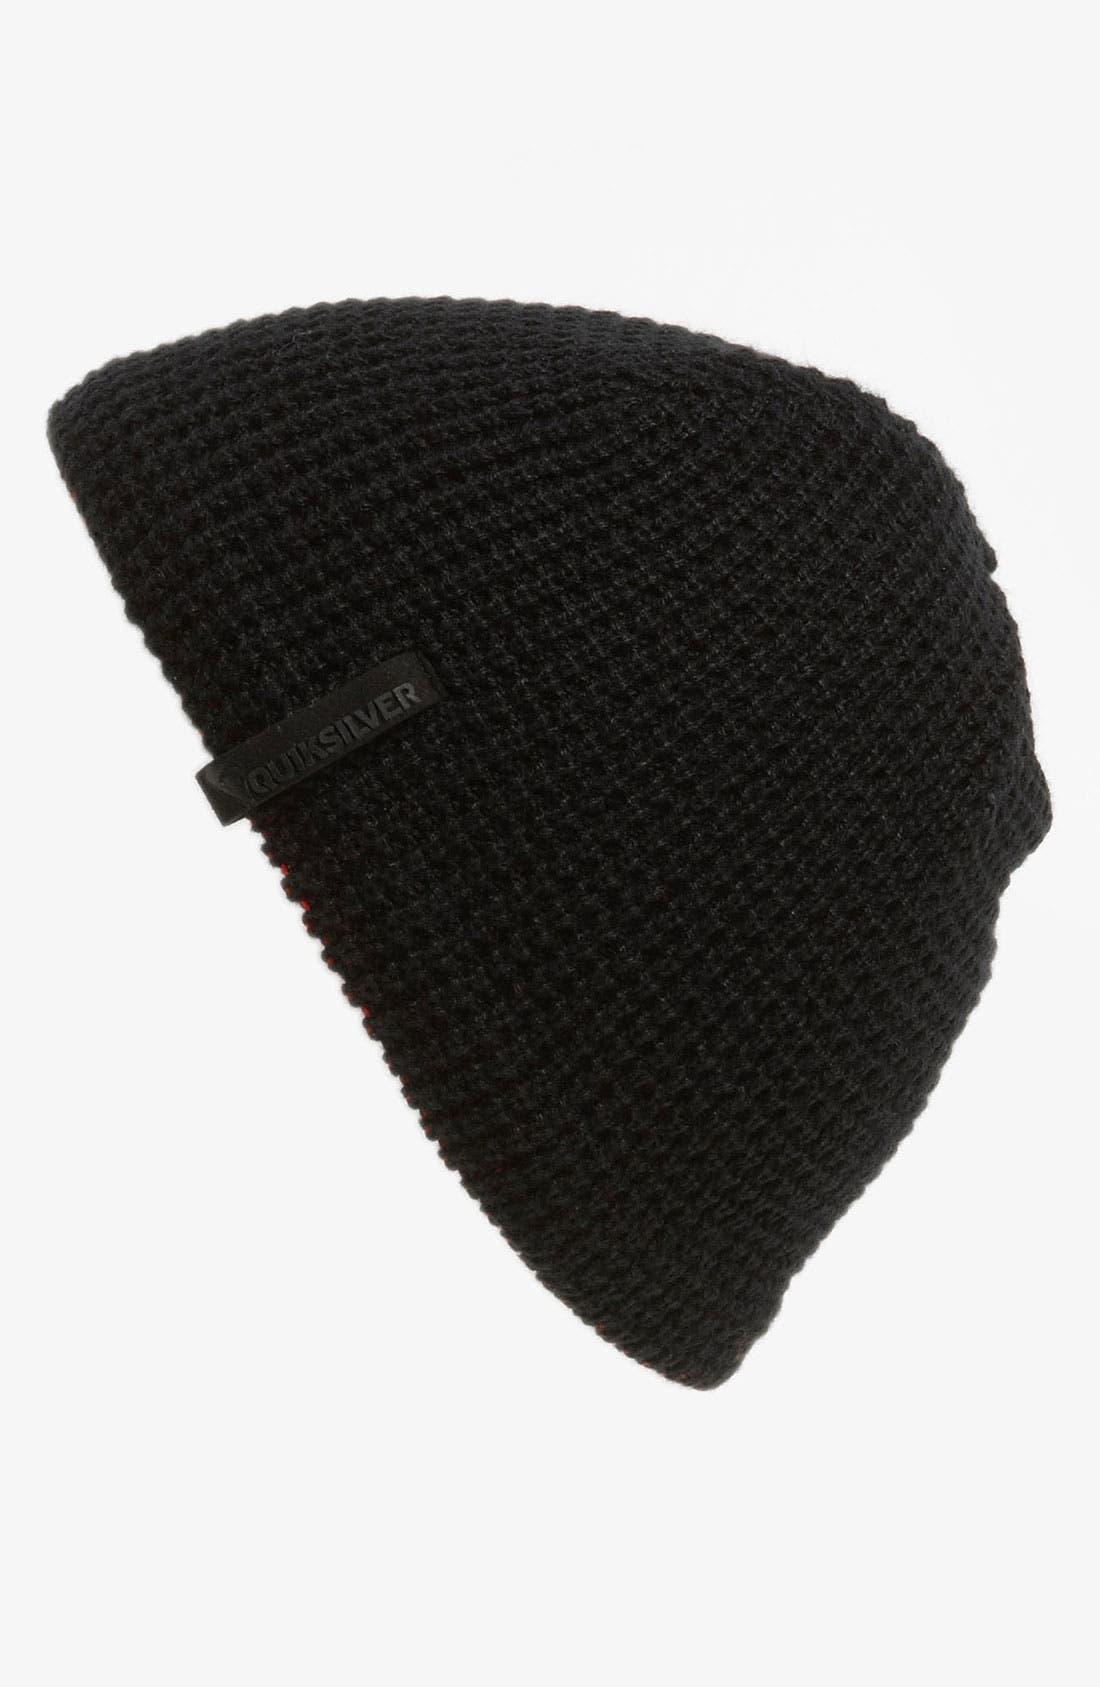 Main Image - Quiksilver 'Crumps' Reversible Cap (Toddler)